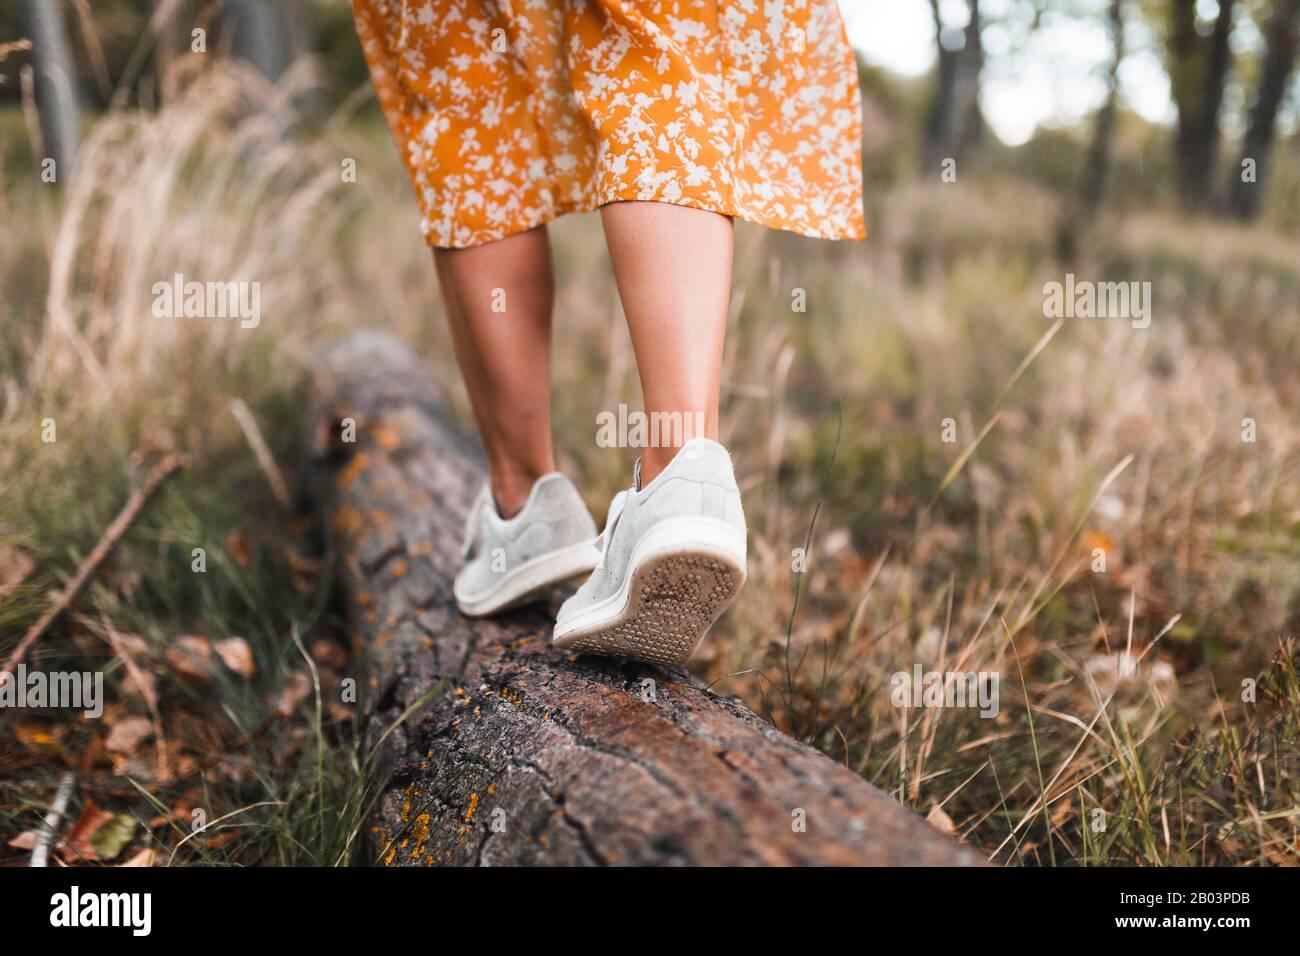 Jeune femme marchant dans la forêt portant des robes Banque D'Images